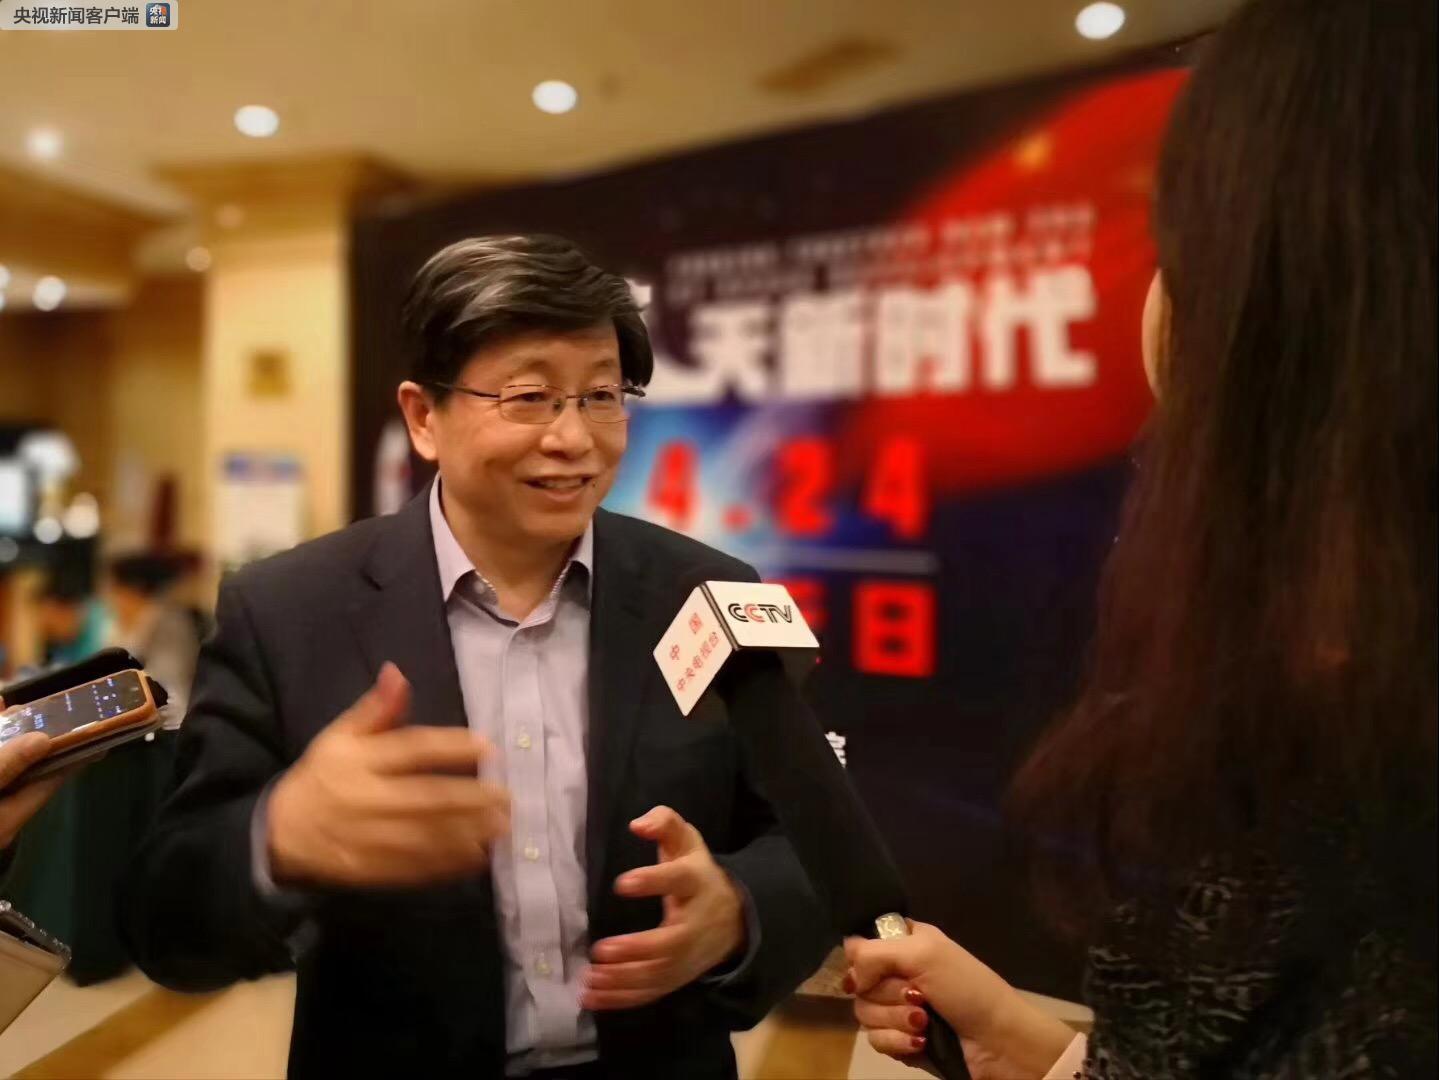 航天科技集团科技委主任包为民接受专访